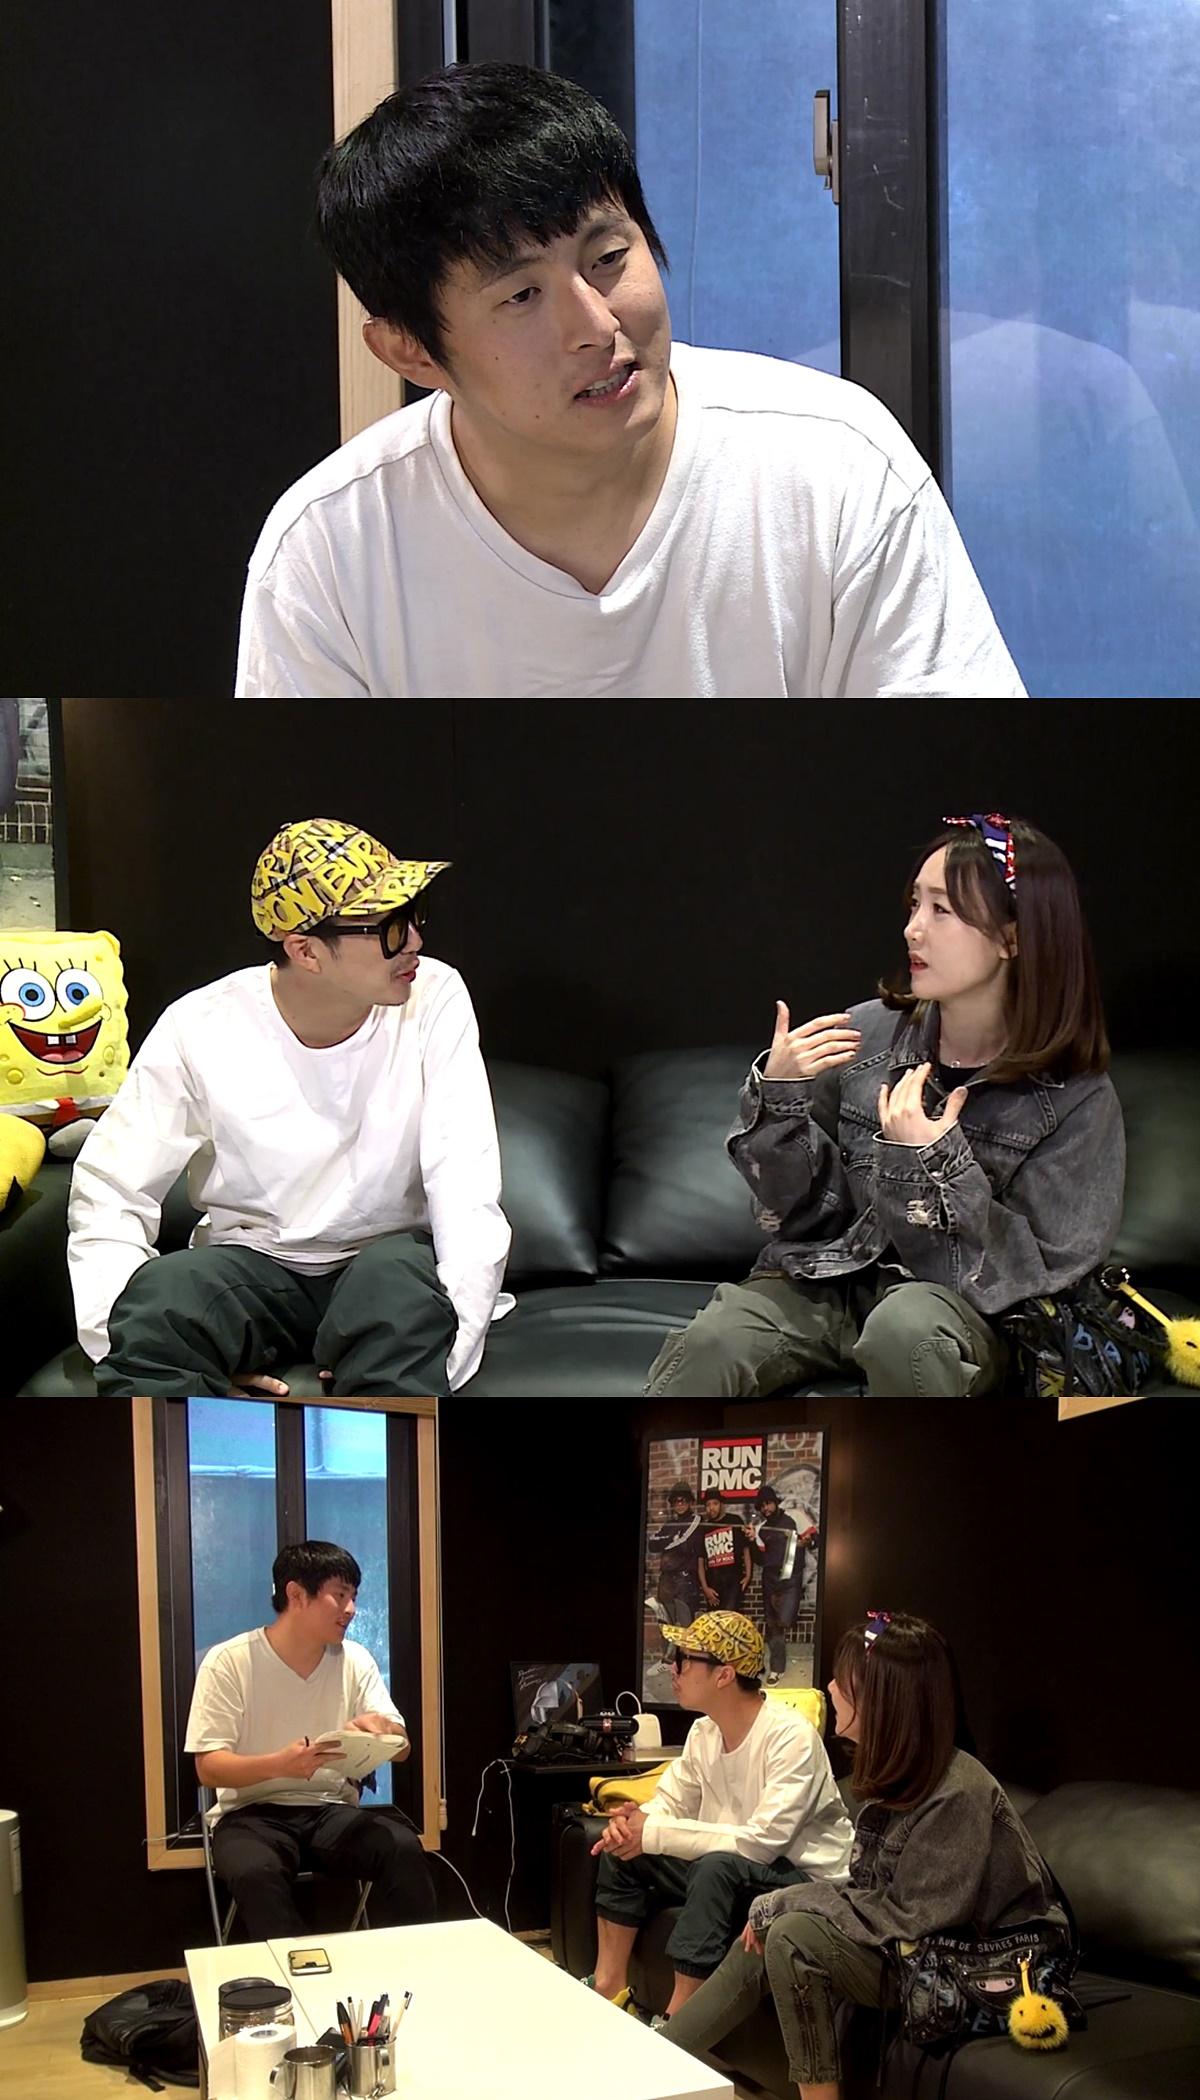 '나 혼자 산다' 기안84, 차기작 위해 하하♥별 '러브스토리' 집중 취재